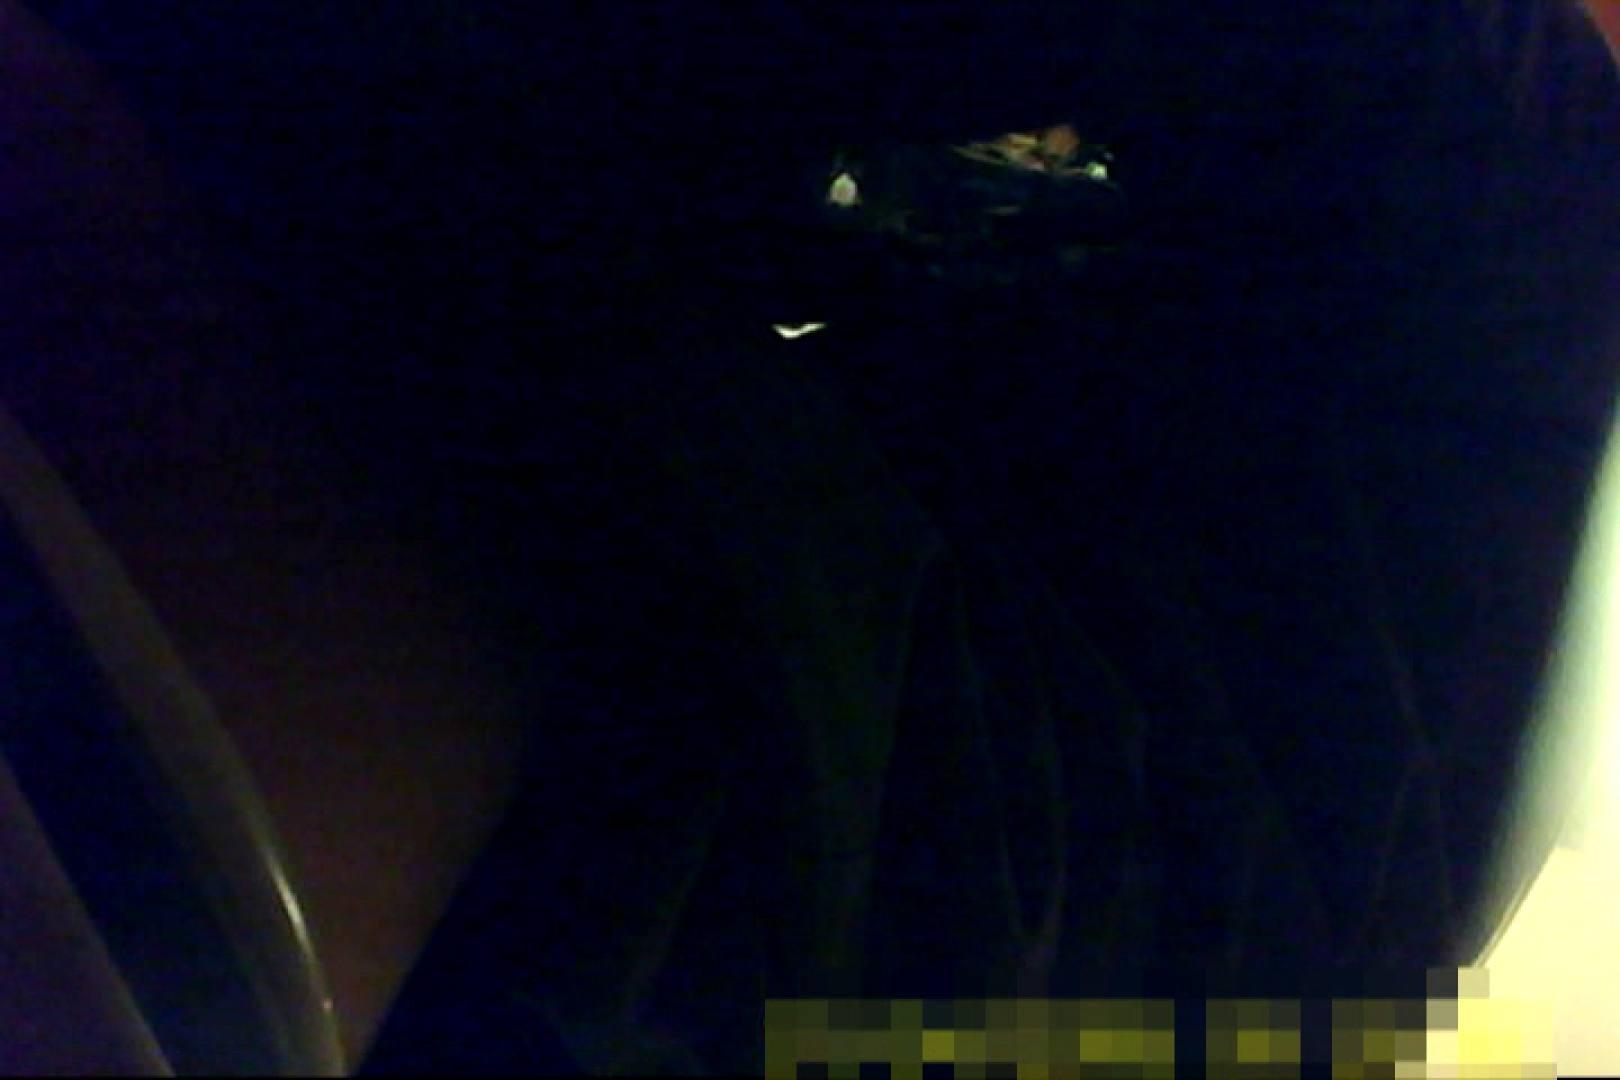 魅惑の化粧室~禁断のプライベート空間~31 盗撮 セックス画像 64pic 5